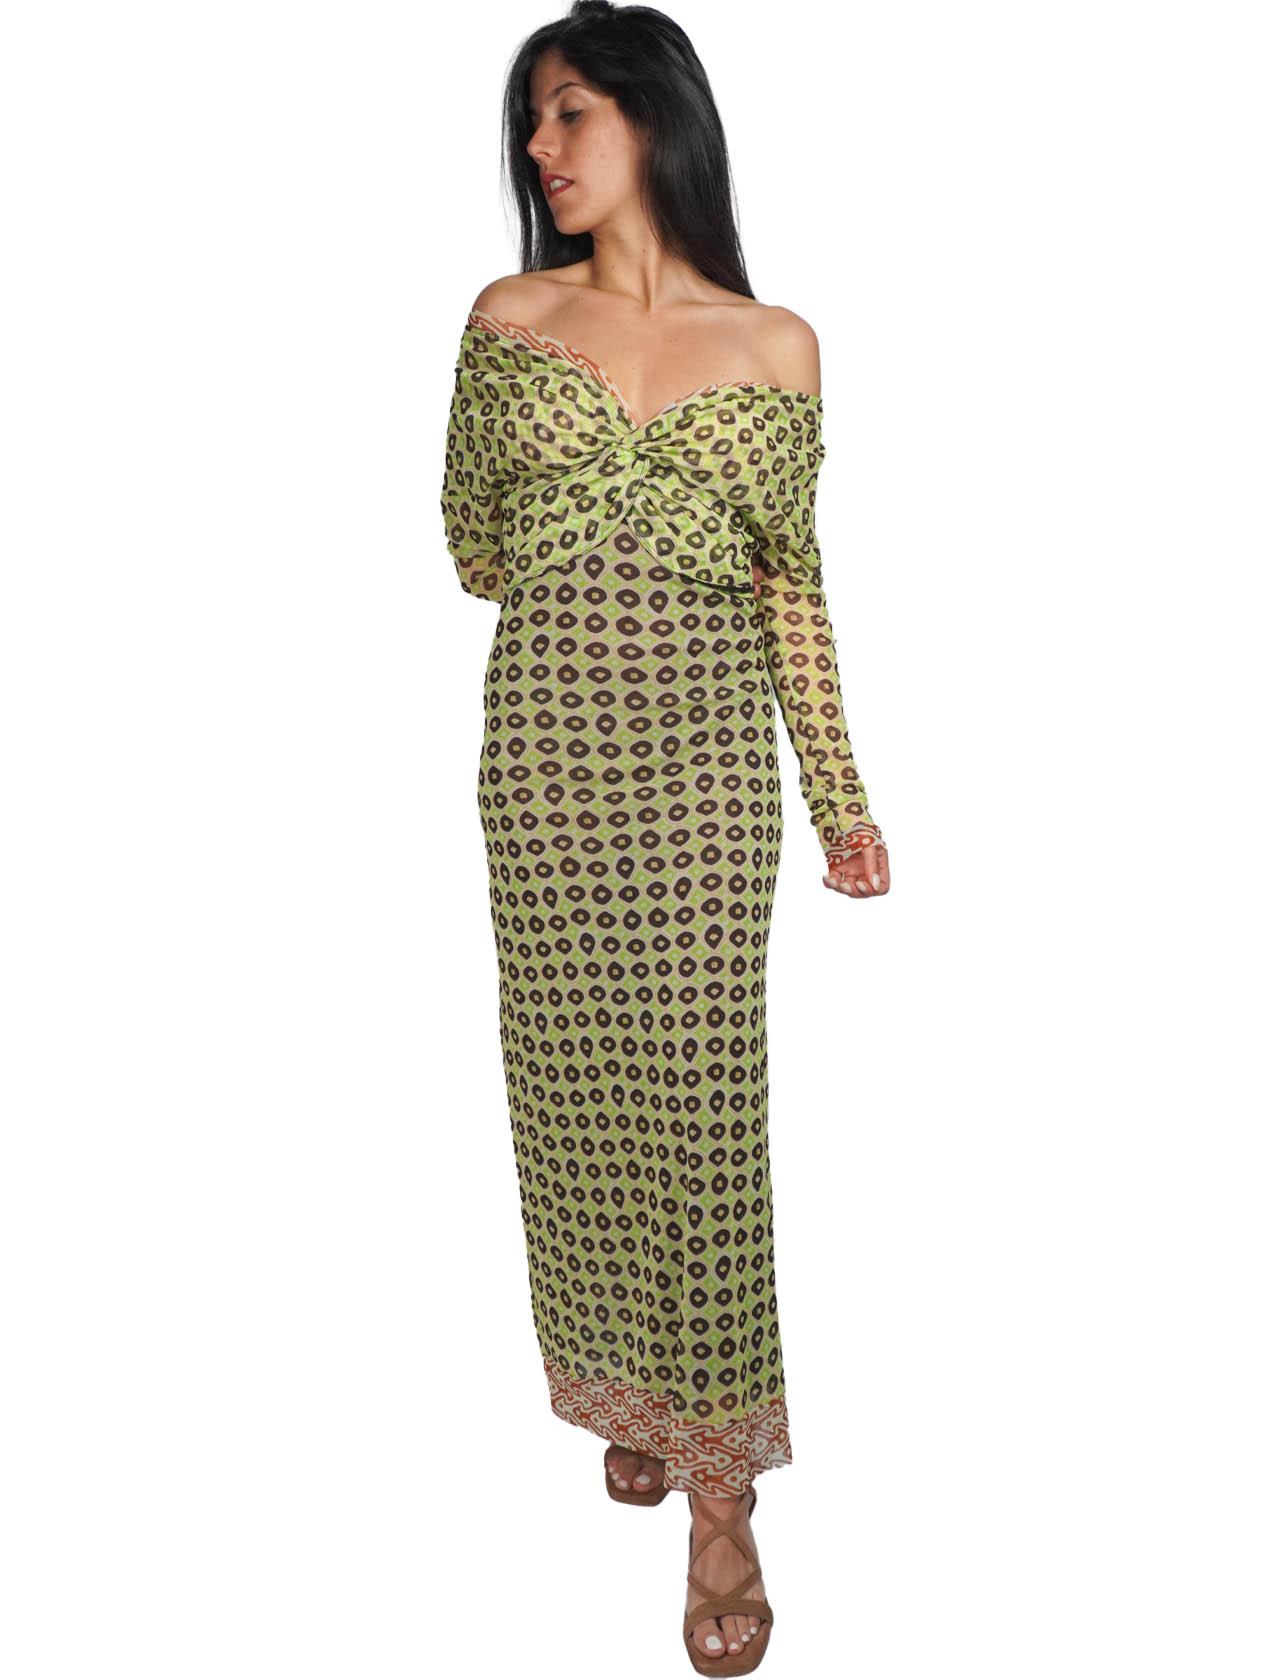 Abbigliamento Donna AbitoLungo Ttribal Dance in Tulle a Fantasia Verde e Oro Maliparmi   Abiti   JF643570494C6020